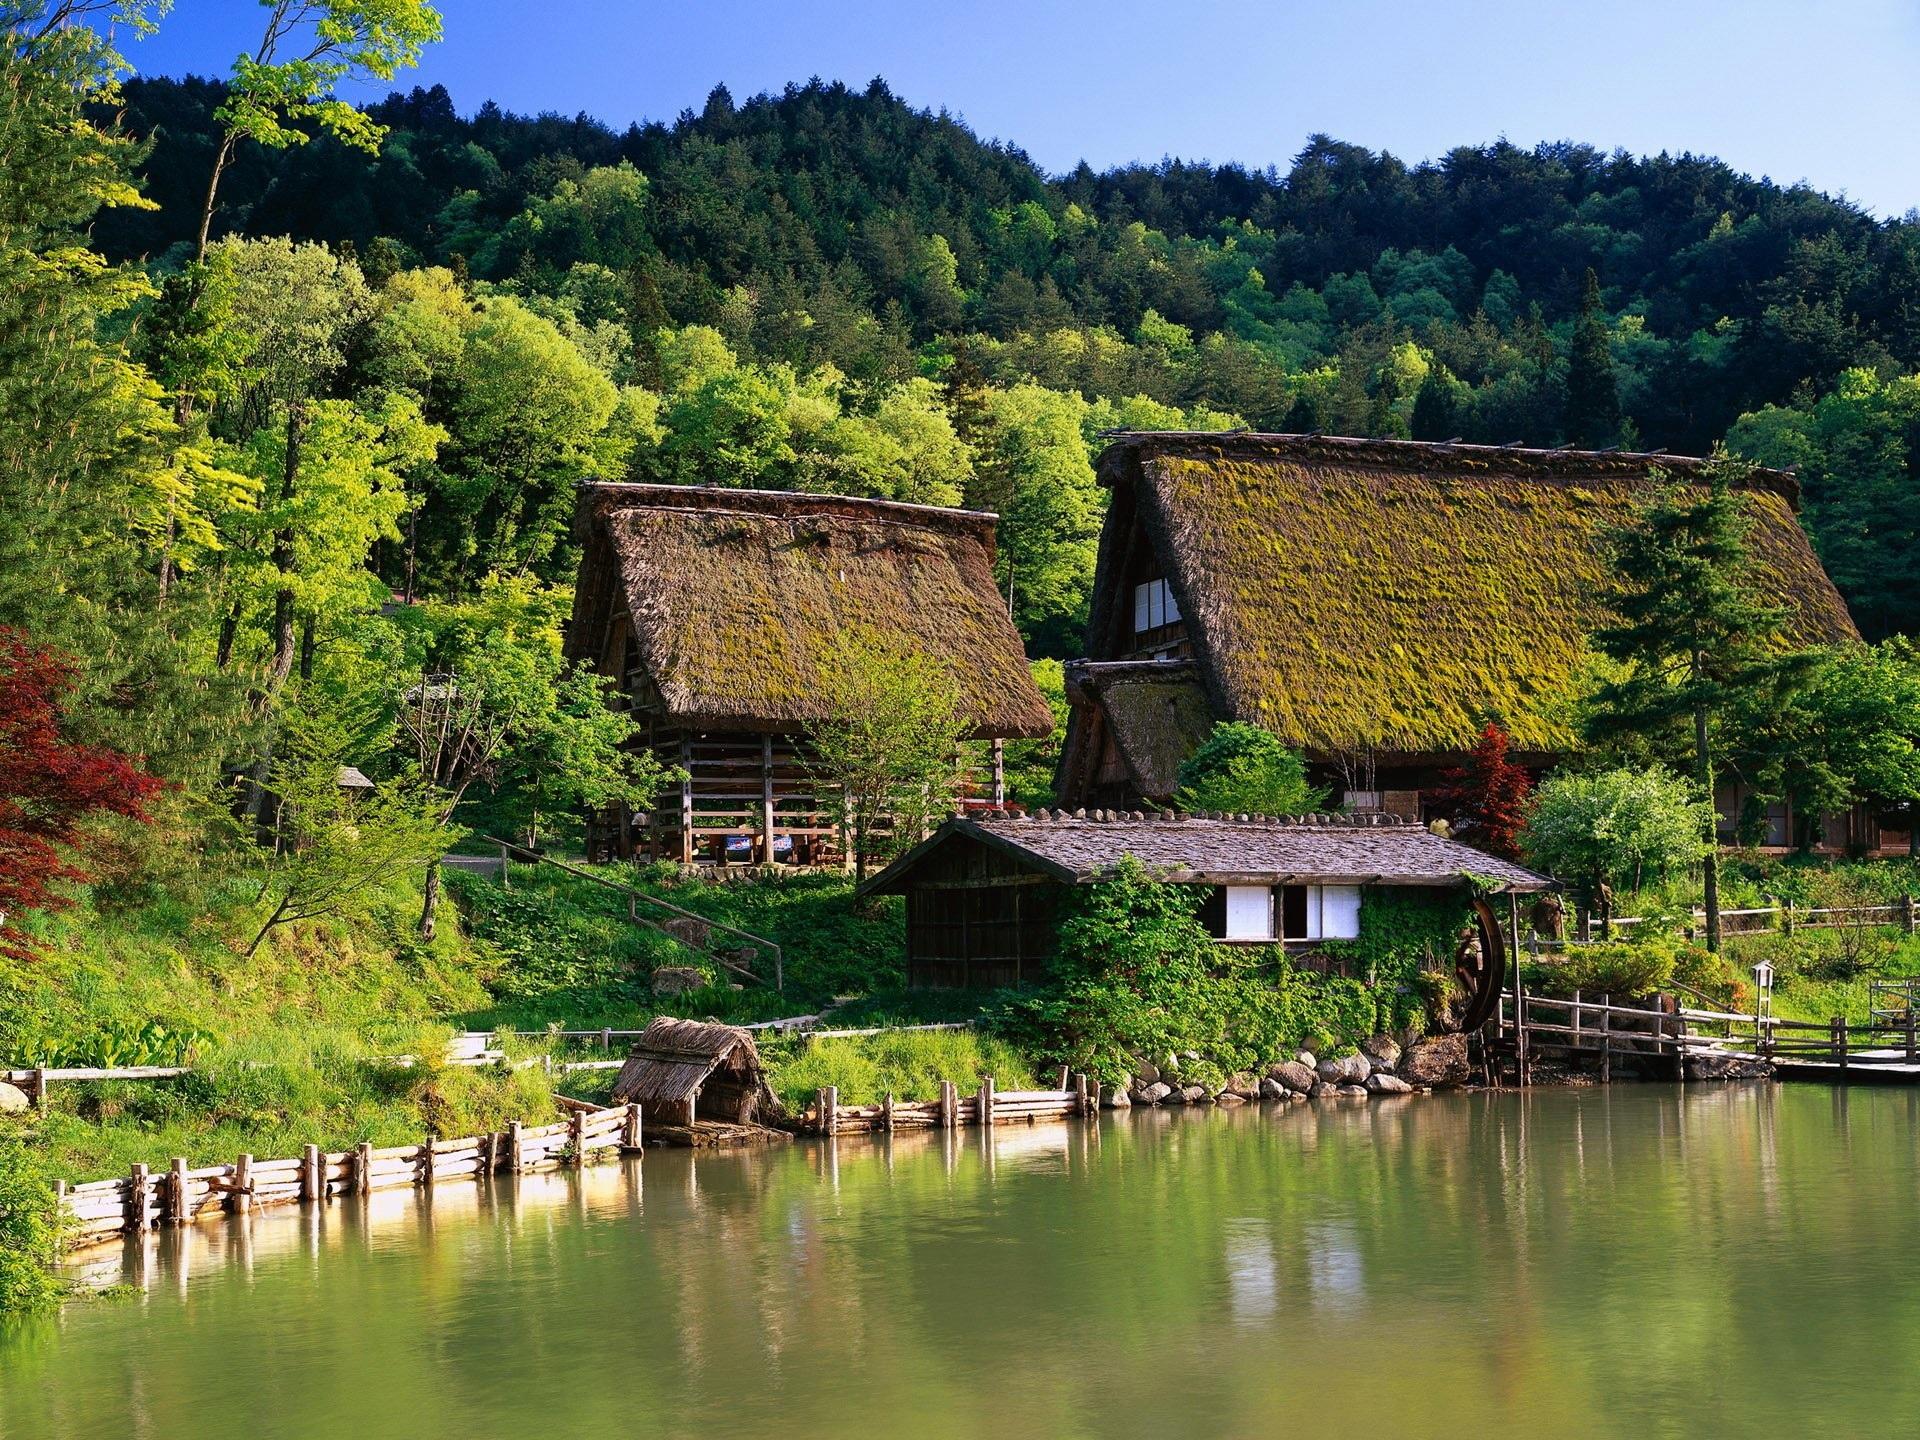 fonds d 39 cran japon maisons ferme maison for t 1920x1440 hd image. Black Bedroom Furniture Sets. Home Design Ideas